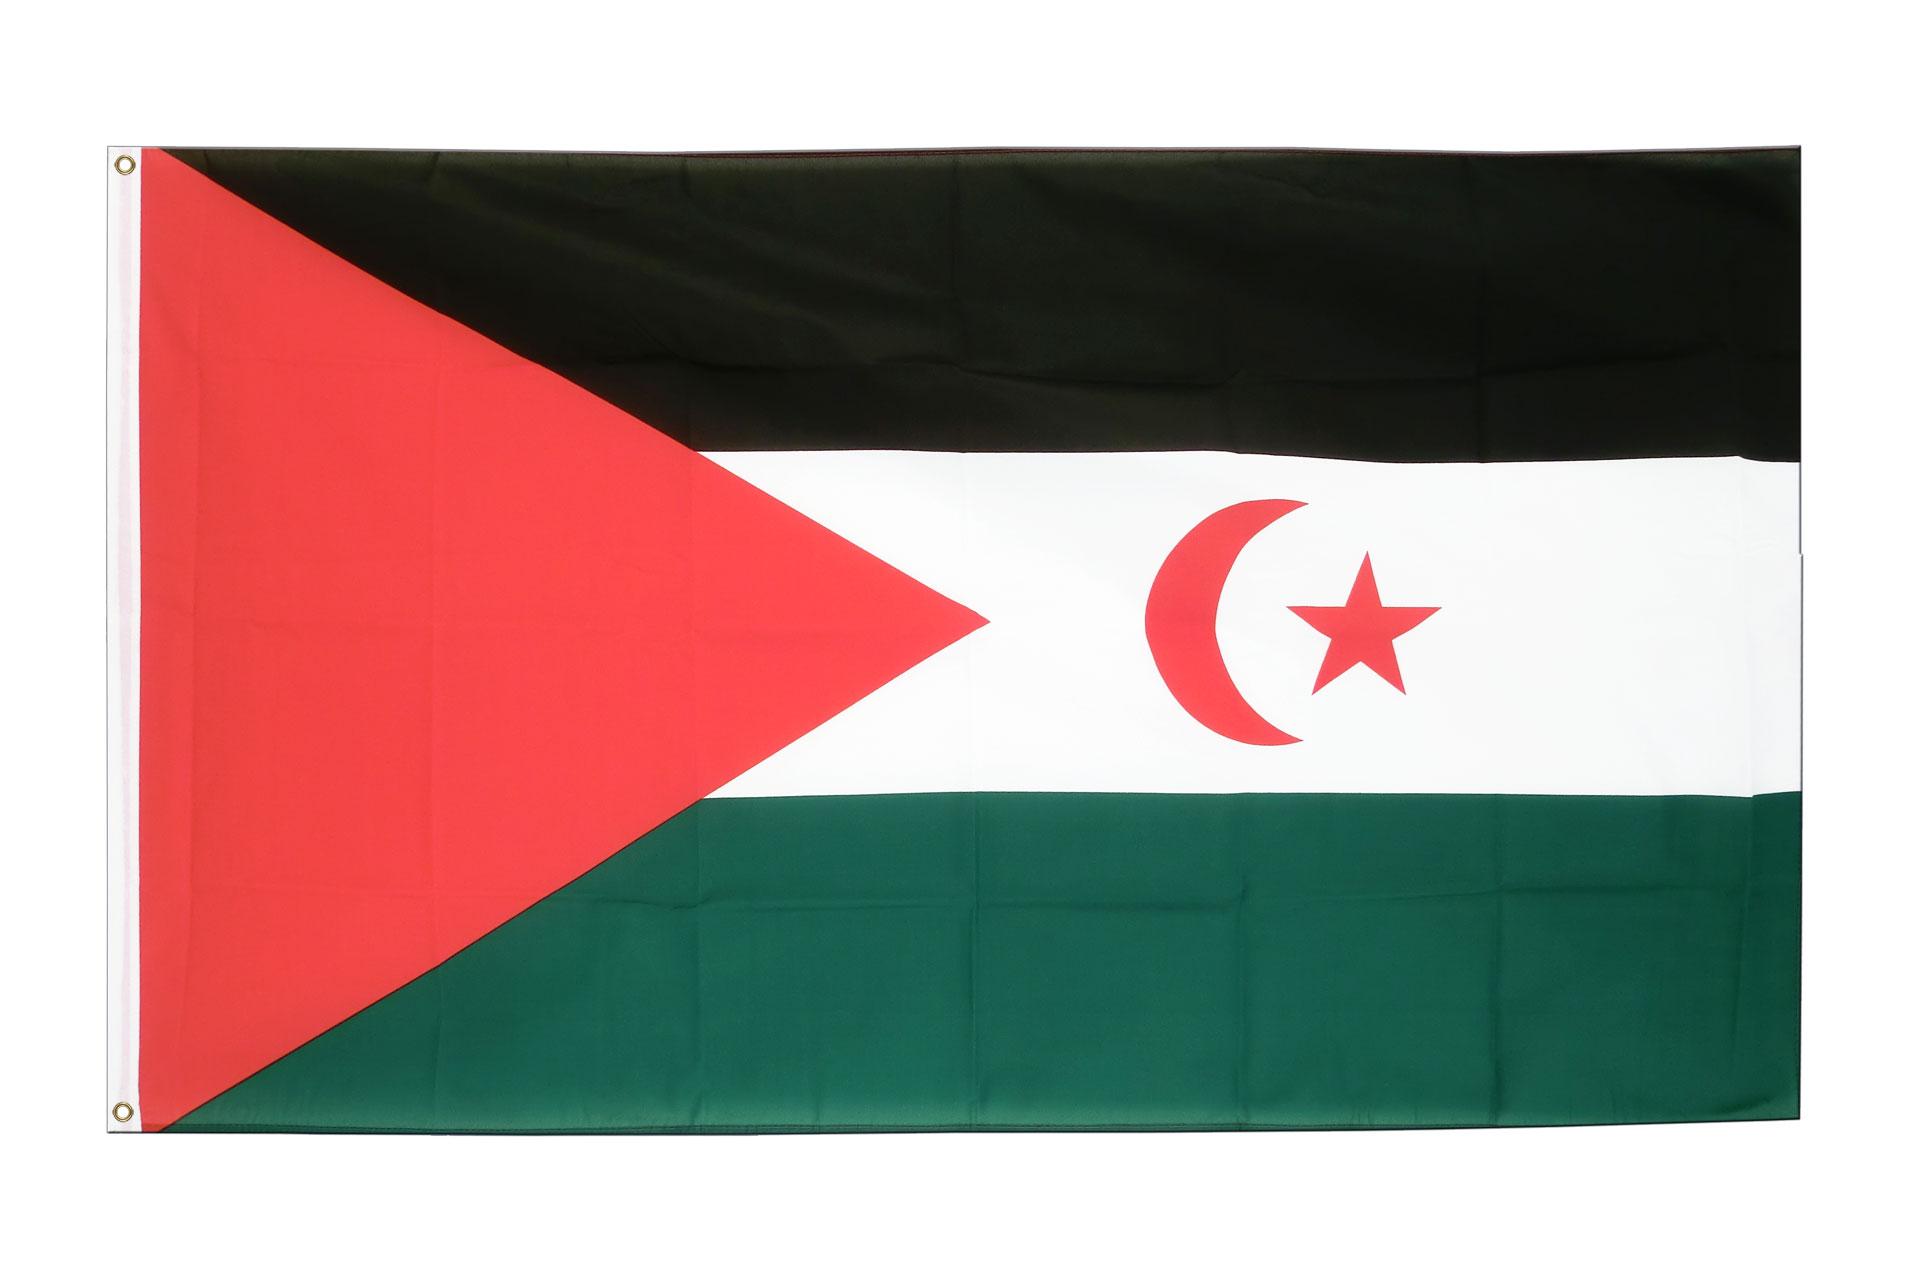 Buy Western Sahara Flag - 3x5 ft (90x150 cm) - Royal-Flags: royal-flags.co.uk/western-sahara-flag-2194.html